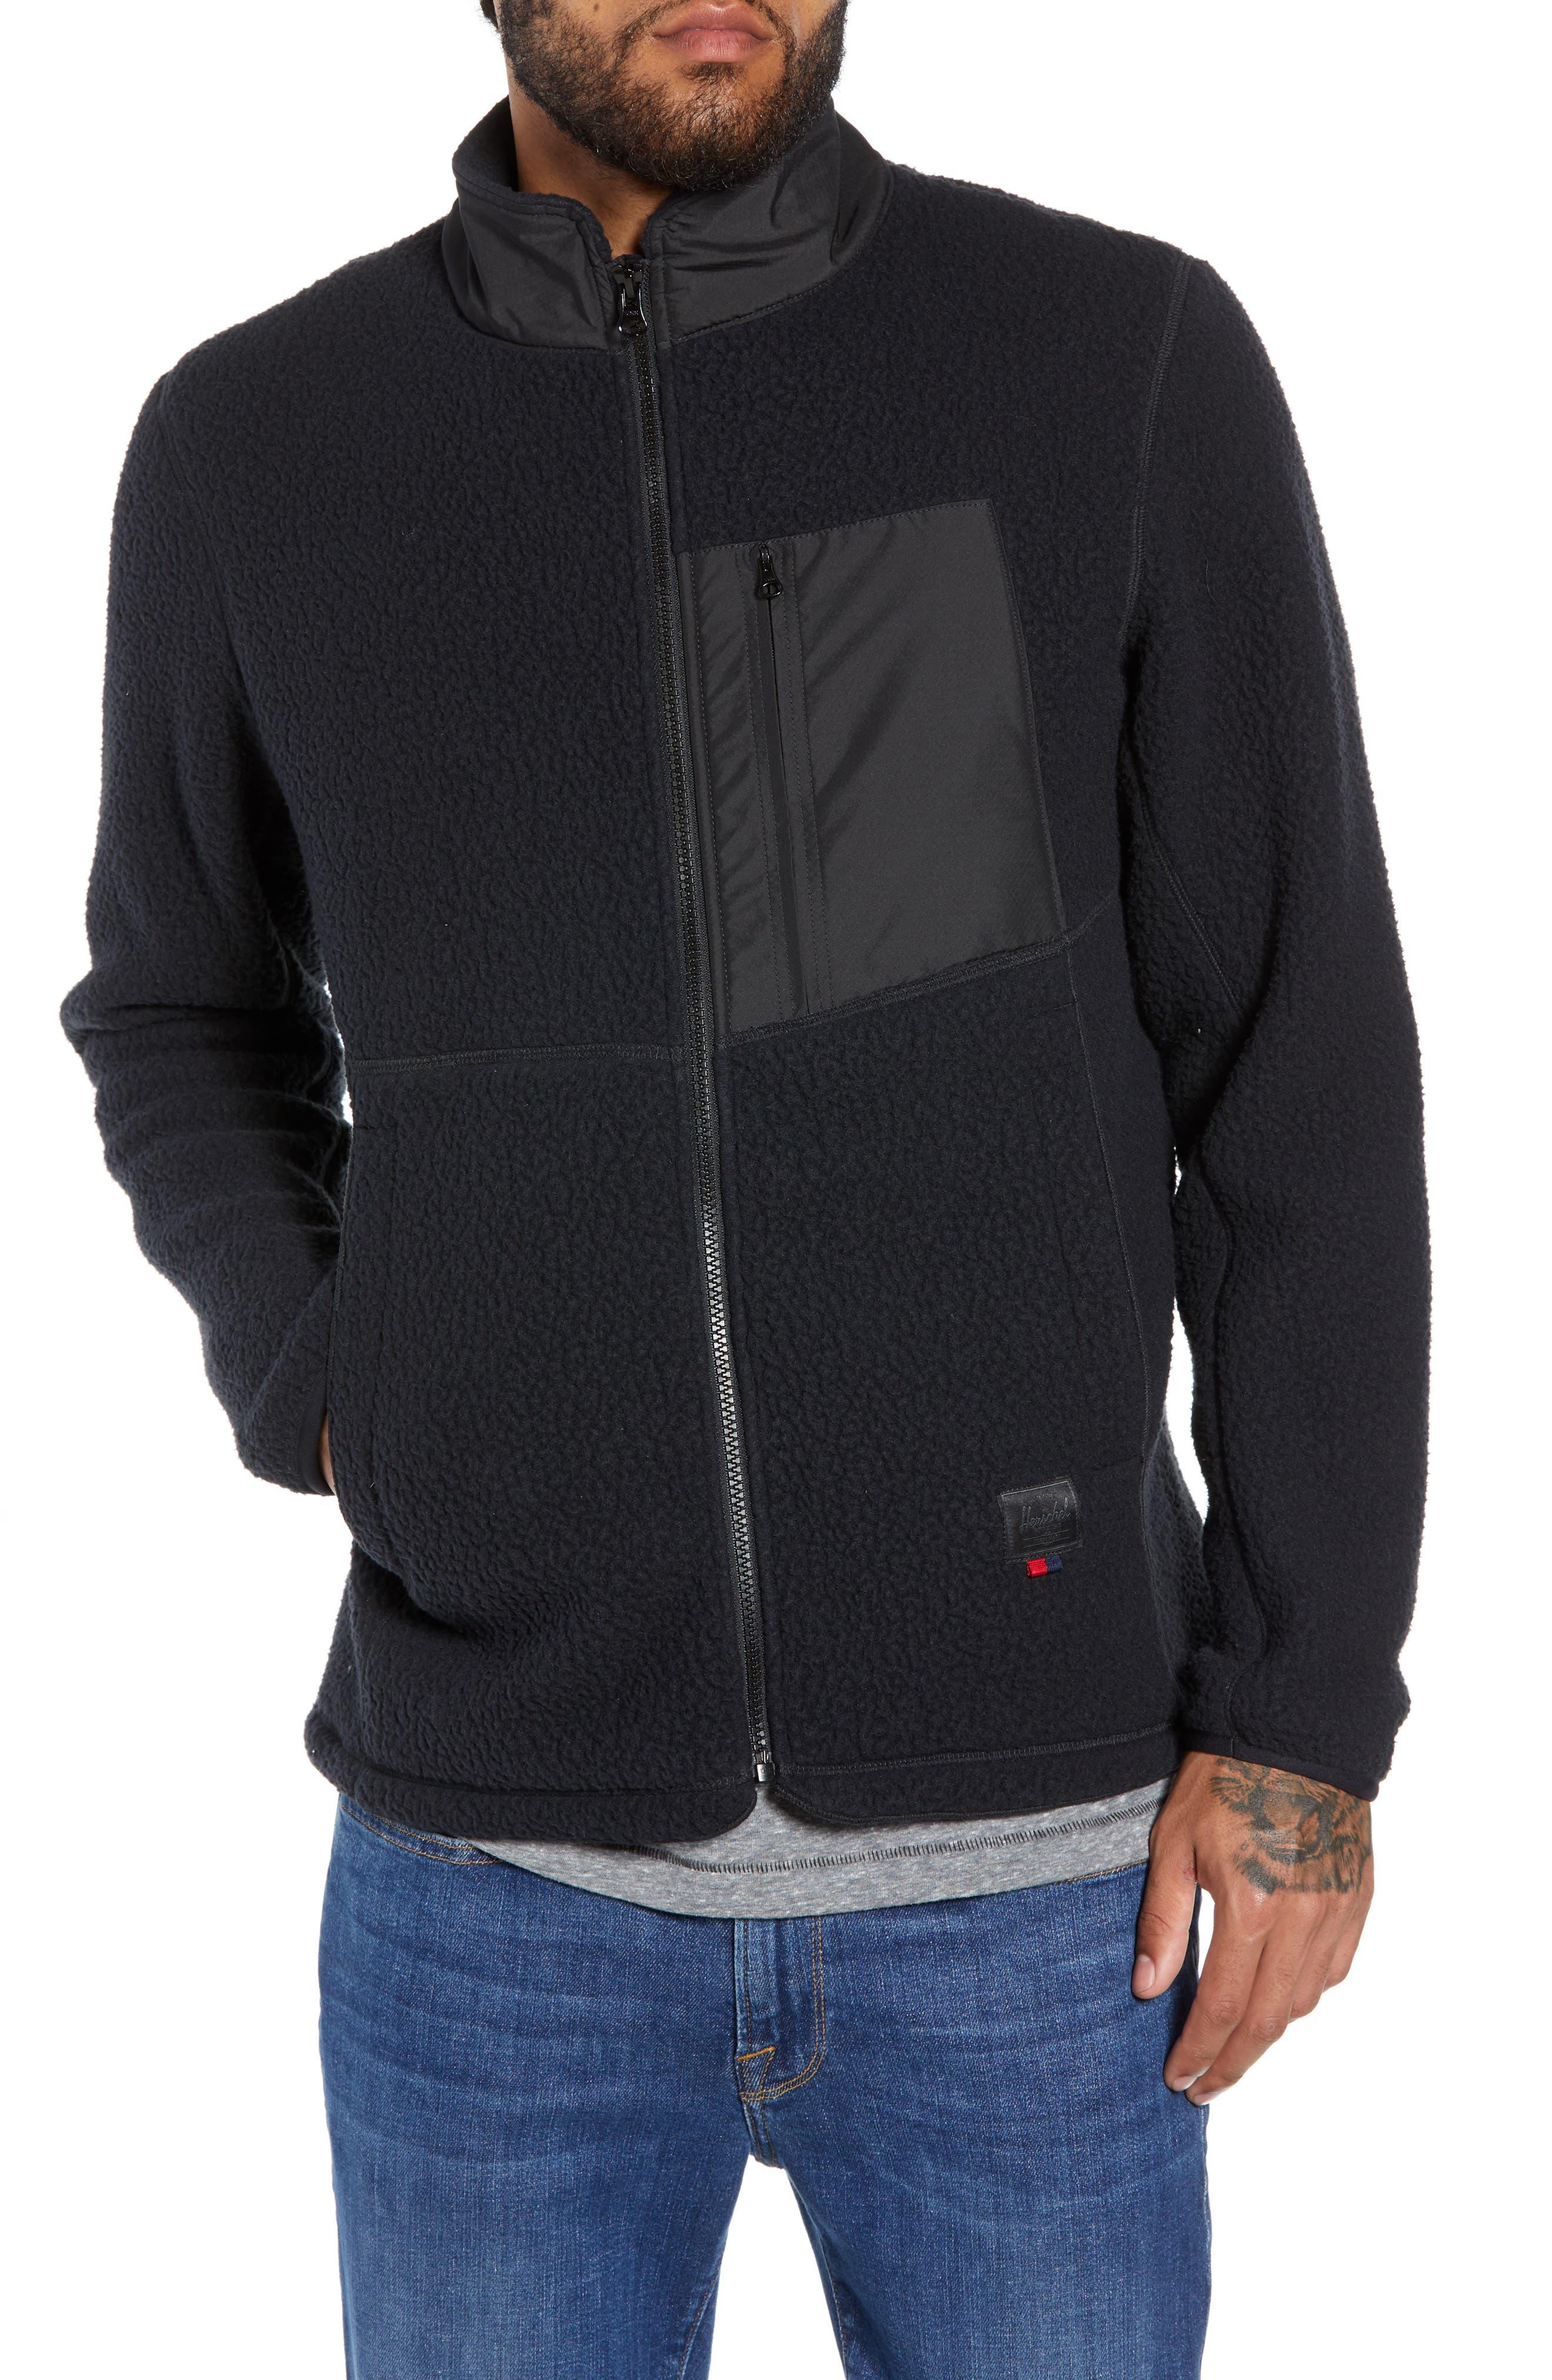 HERSCHEL SUPPLY CO. Tech Fleece Jacket, Main, color, 001